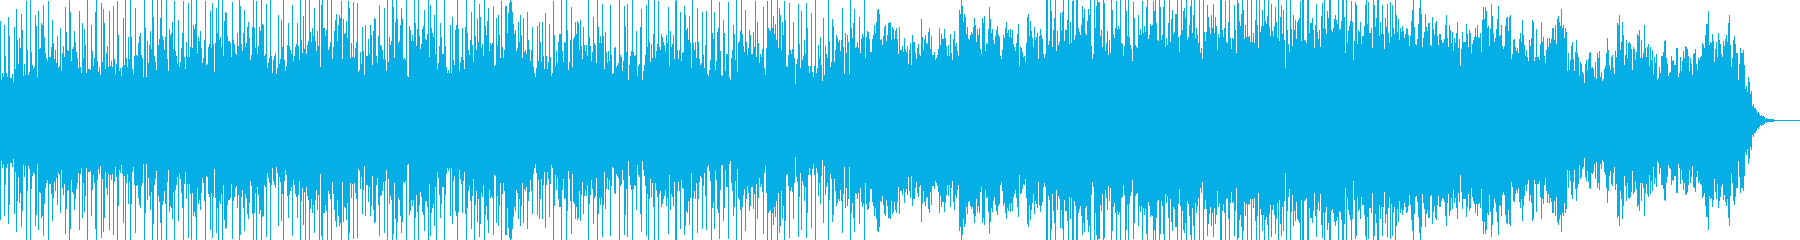 暗めのエレクトロニカの再生済みの波形